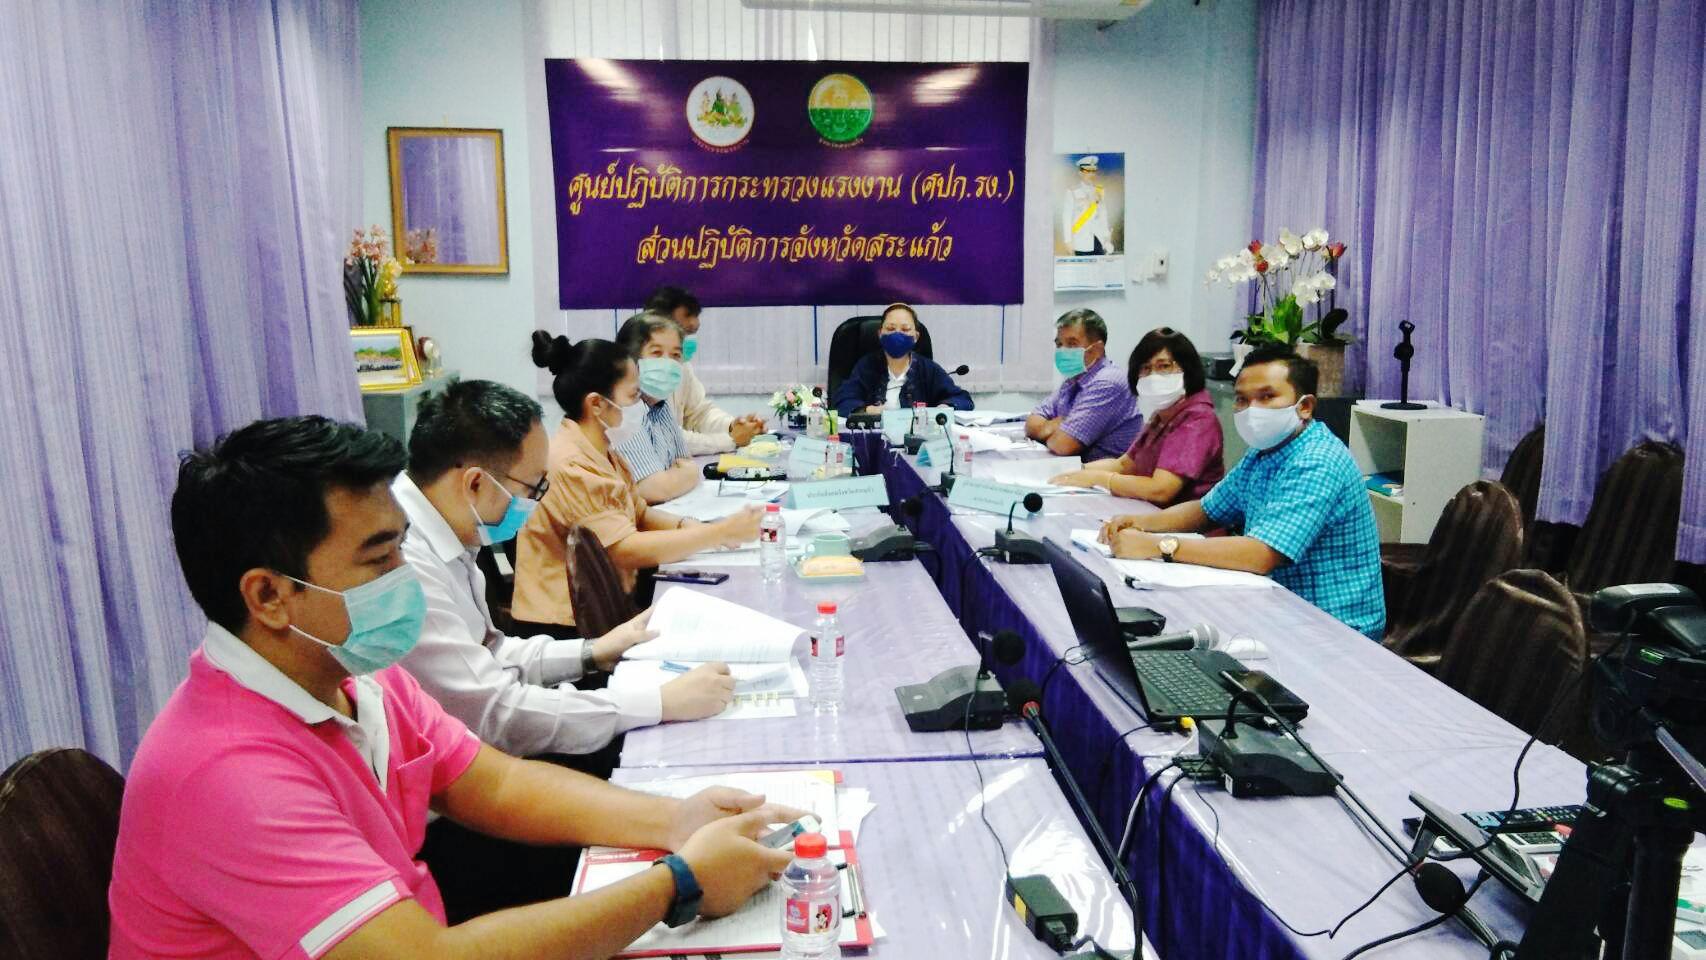 วันอังคารที่ 6 ตุลาคม 2563 สำนักงานแรงงานจังหวัดสระแก้ว จัดการประชุมหัวหน้าส่วนราชการสังกัดกระทรวงแรงงานจังหวัดสระแก้ว ประจำเดือน ตุลาคม 2563 ณ ห้องประชุมสำนักงานแรงงานจังหวัดสระแก้ว ชั้น 2 ศาลากลางจังหวัดสระแก้ว เพื่อขับเคลื่อนนโยบายสำคัญของกระทรวงแรงงาน จังหวัด ข้อสั่งการต่างๆ รวมถึงปัญหาและอุปสรรคในพื้นที่ ของแต่ละหน่วยงาน